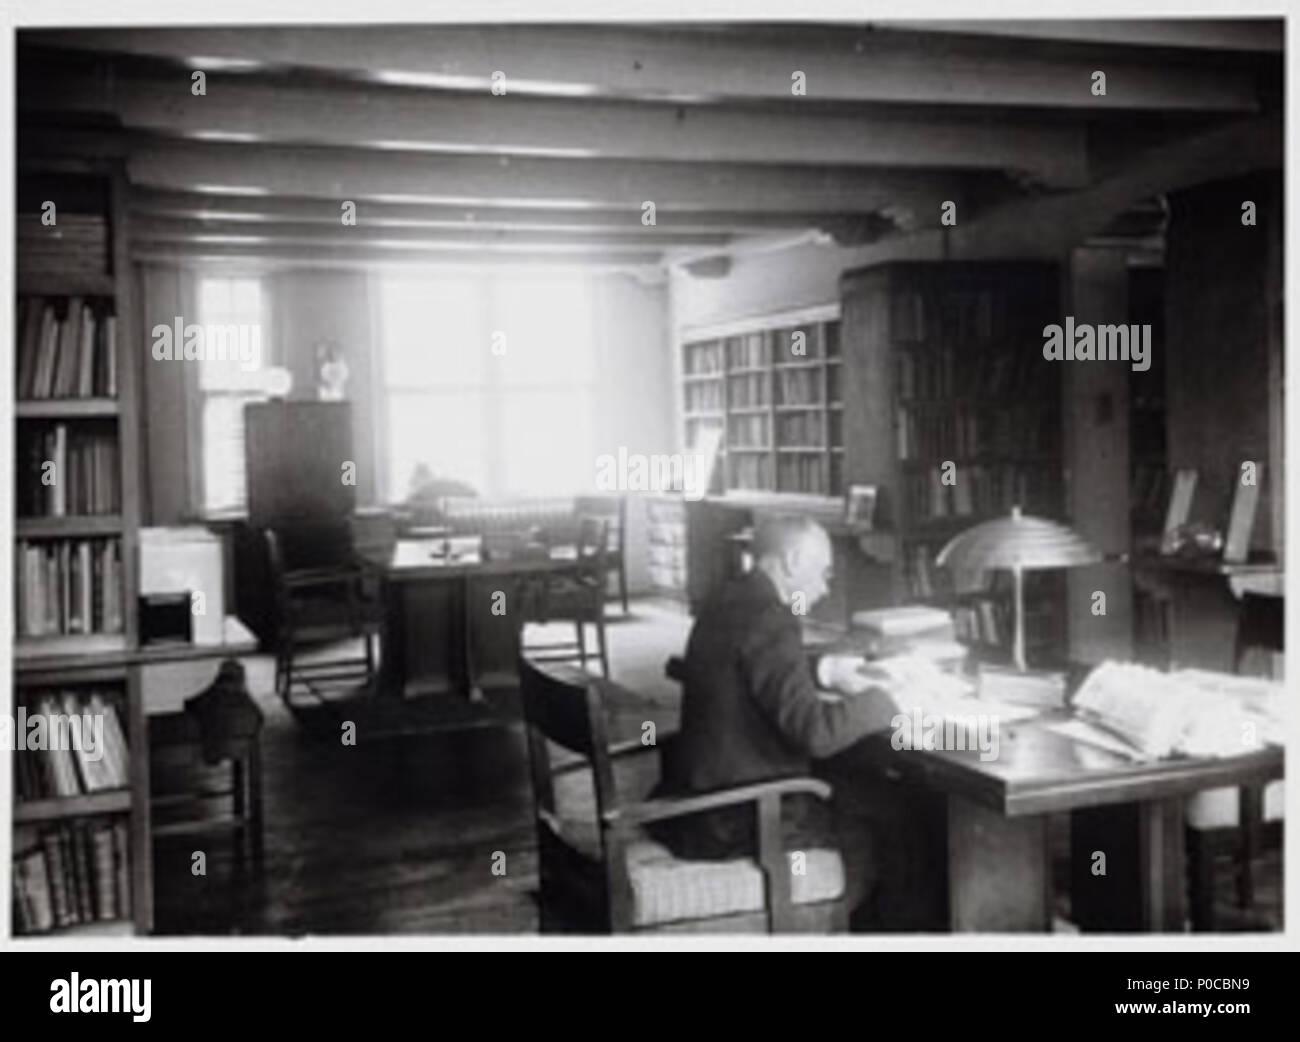 https://c8.alamy.com/comp/P0CBN9/english-interior-neha-library-amsterdam-the-netherlands-1934-nederlands-interieur-economisch-historische-bibliotheek-ca-1934-foto-collectie-stadsarchief-amsterdam-3-march-2014-101628-unknown-photographer-74-neha1934-P0CBN9.jpg